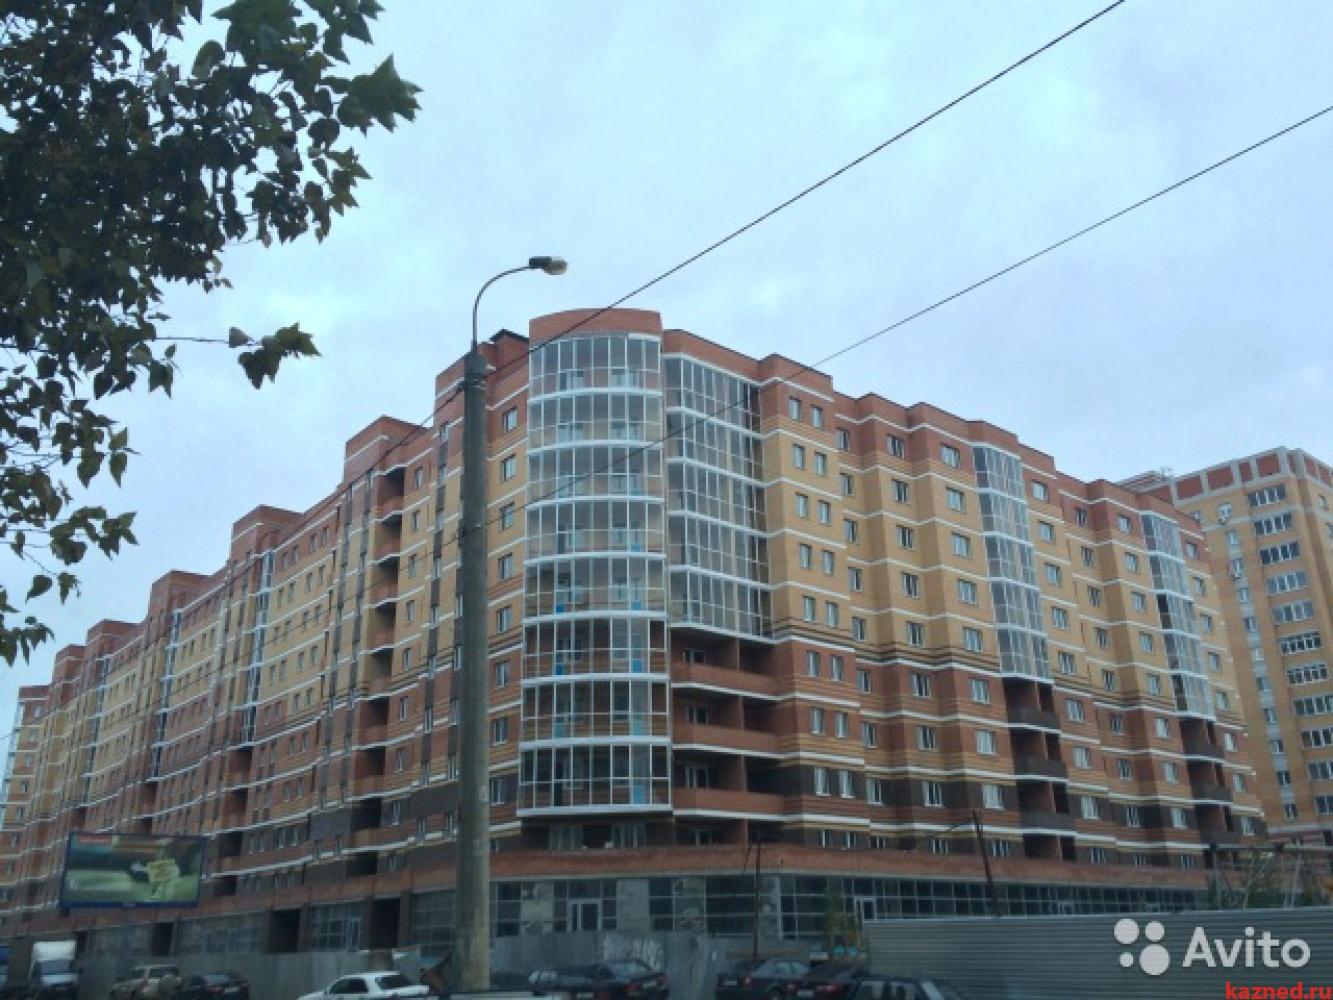 Продажа 3-к квартиры четаева 10, 100 м2  (миниатюра №1)